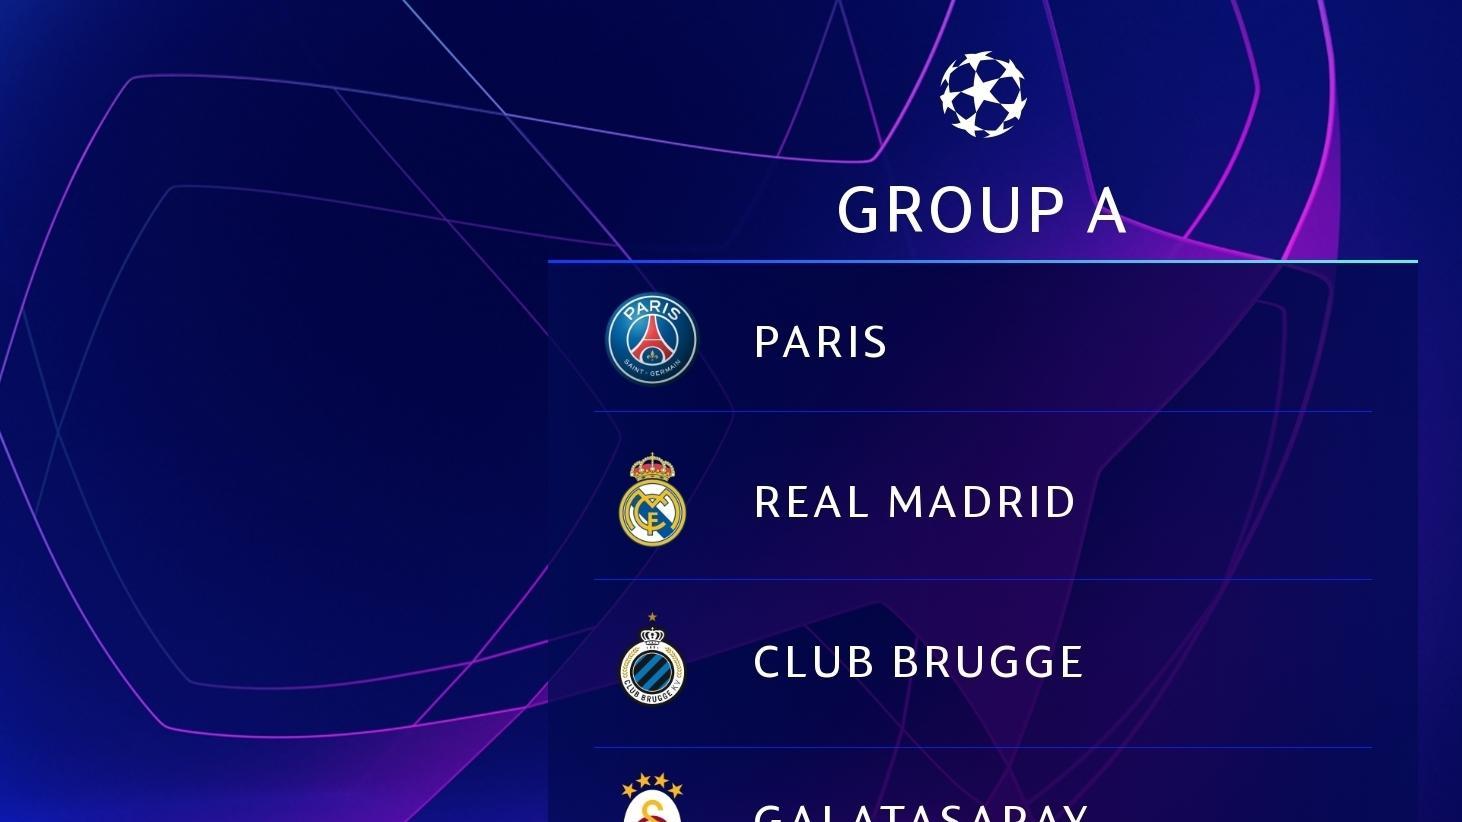 Análisis Del Grupo A Uefa Champions League Uefa Com